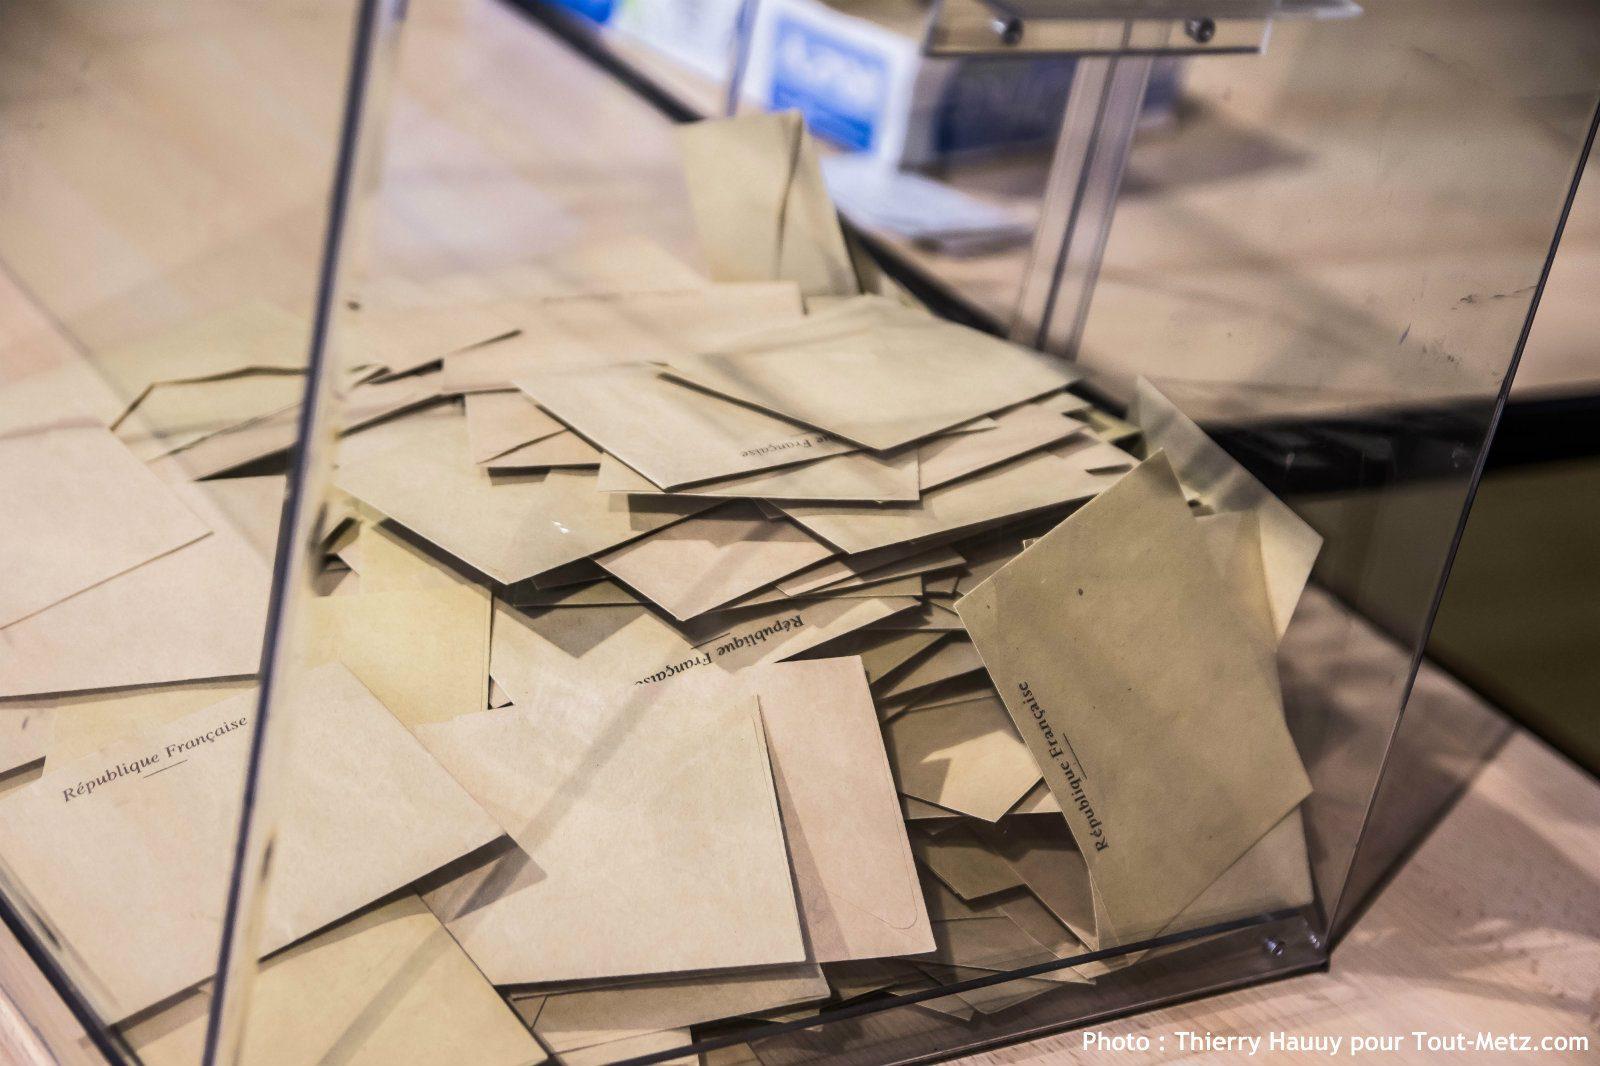 Elections régionales 2015 : résultats du 1er tour en Meurthe & Moselle et dans les villes principales